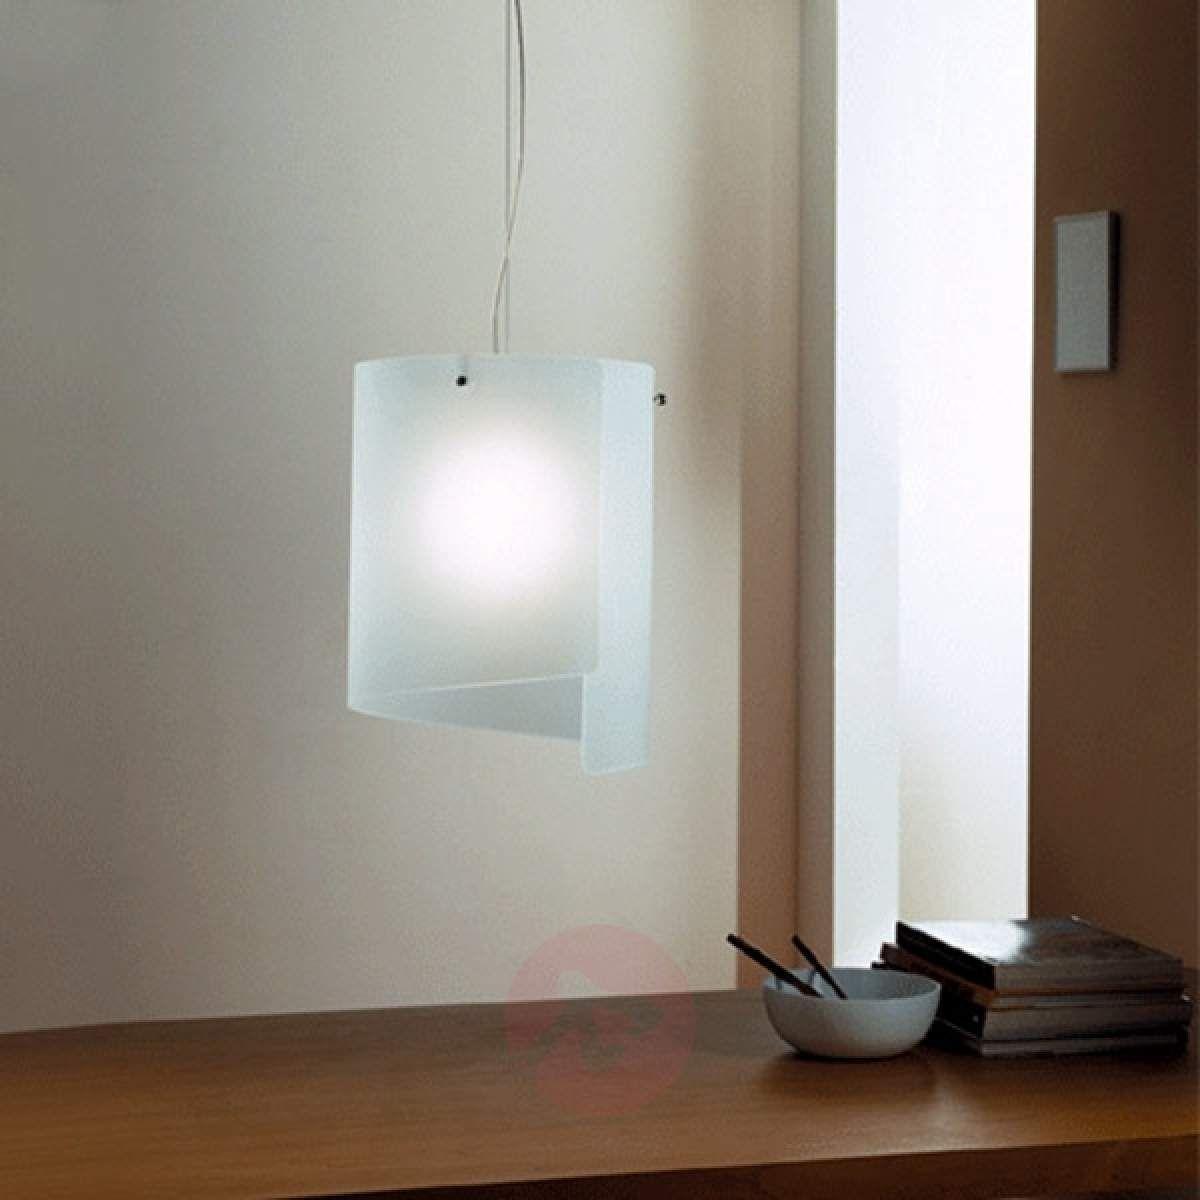 Atrakcyjna Lampa Wisząca Papiro Satynowa W 2019 Lampy